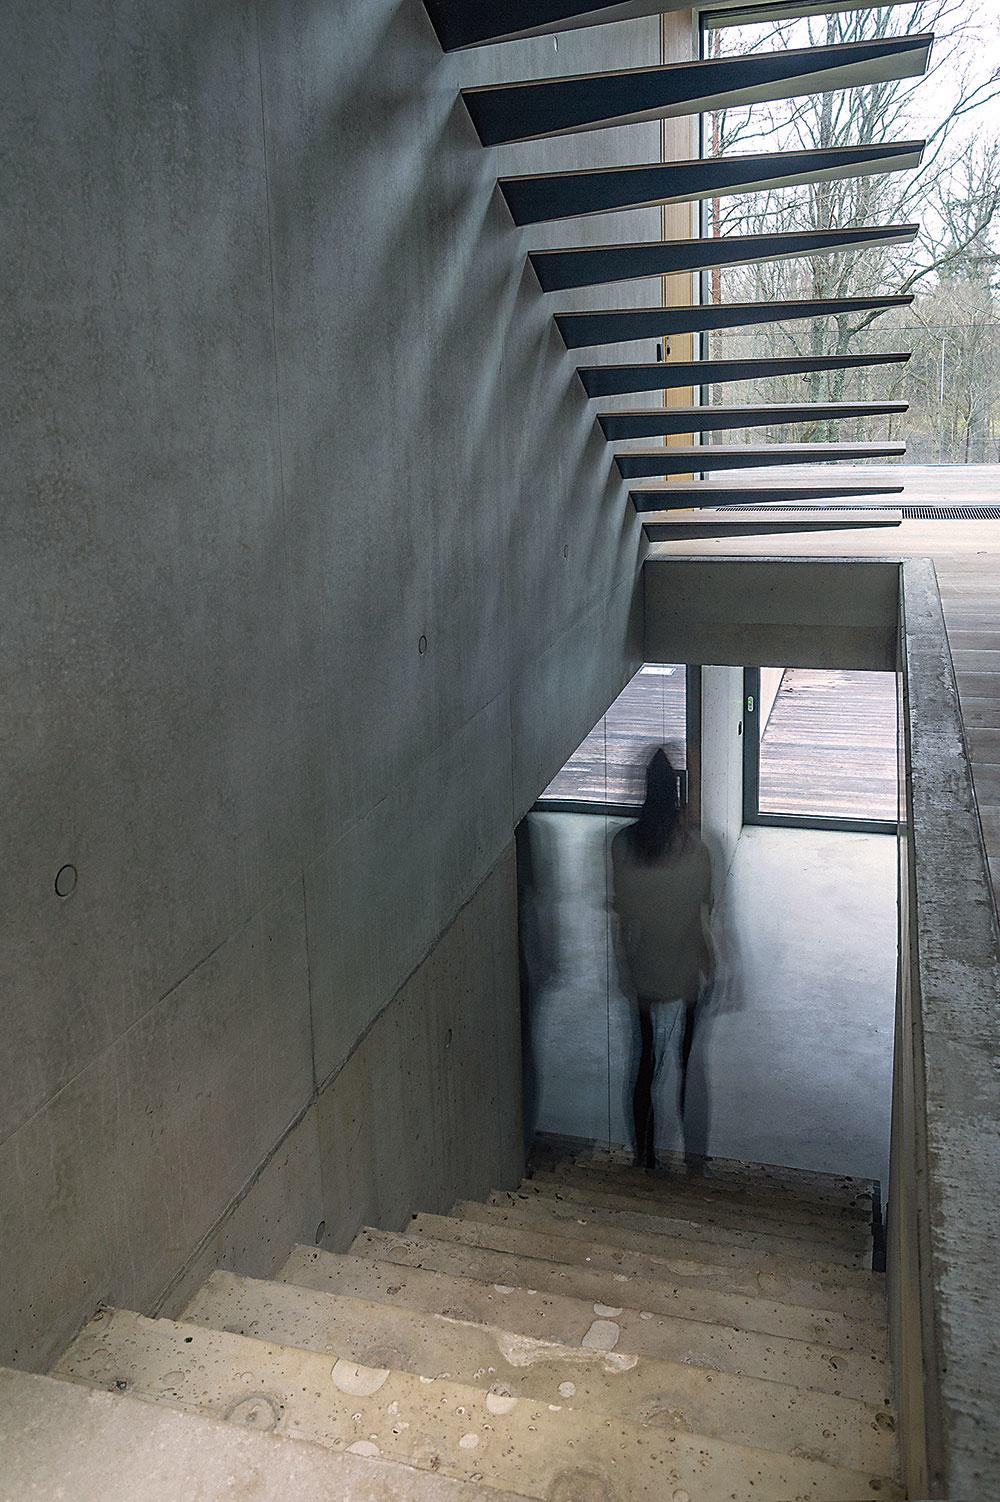 Neobyčajný betón. Priznať betónový povrch zvnútra izvonku umožňuje dvojvrstvová vystužená betónová konštrukcia so sofistikovanou izoláciou uprostred.